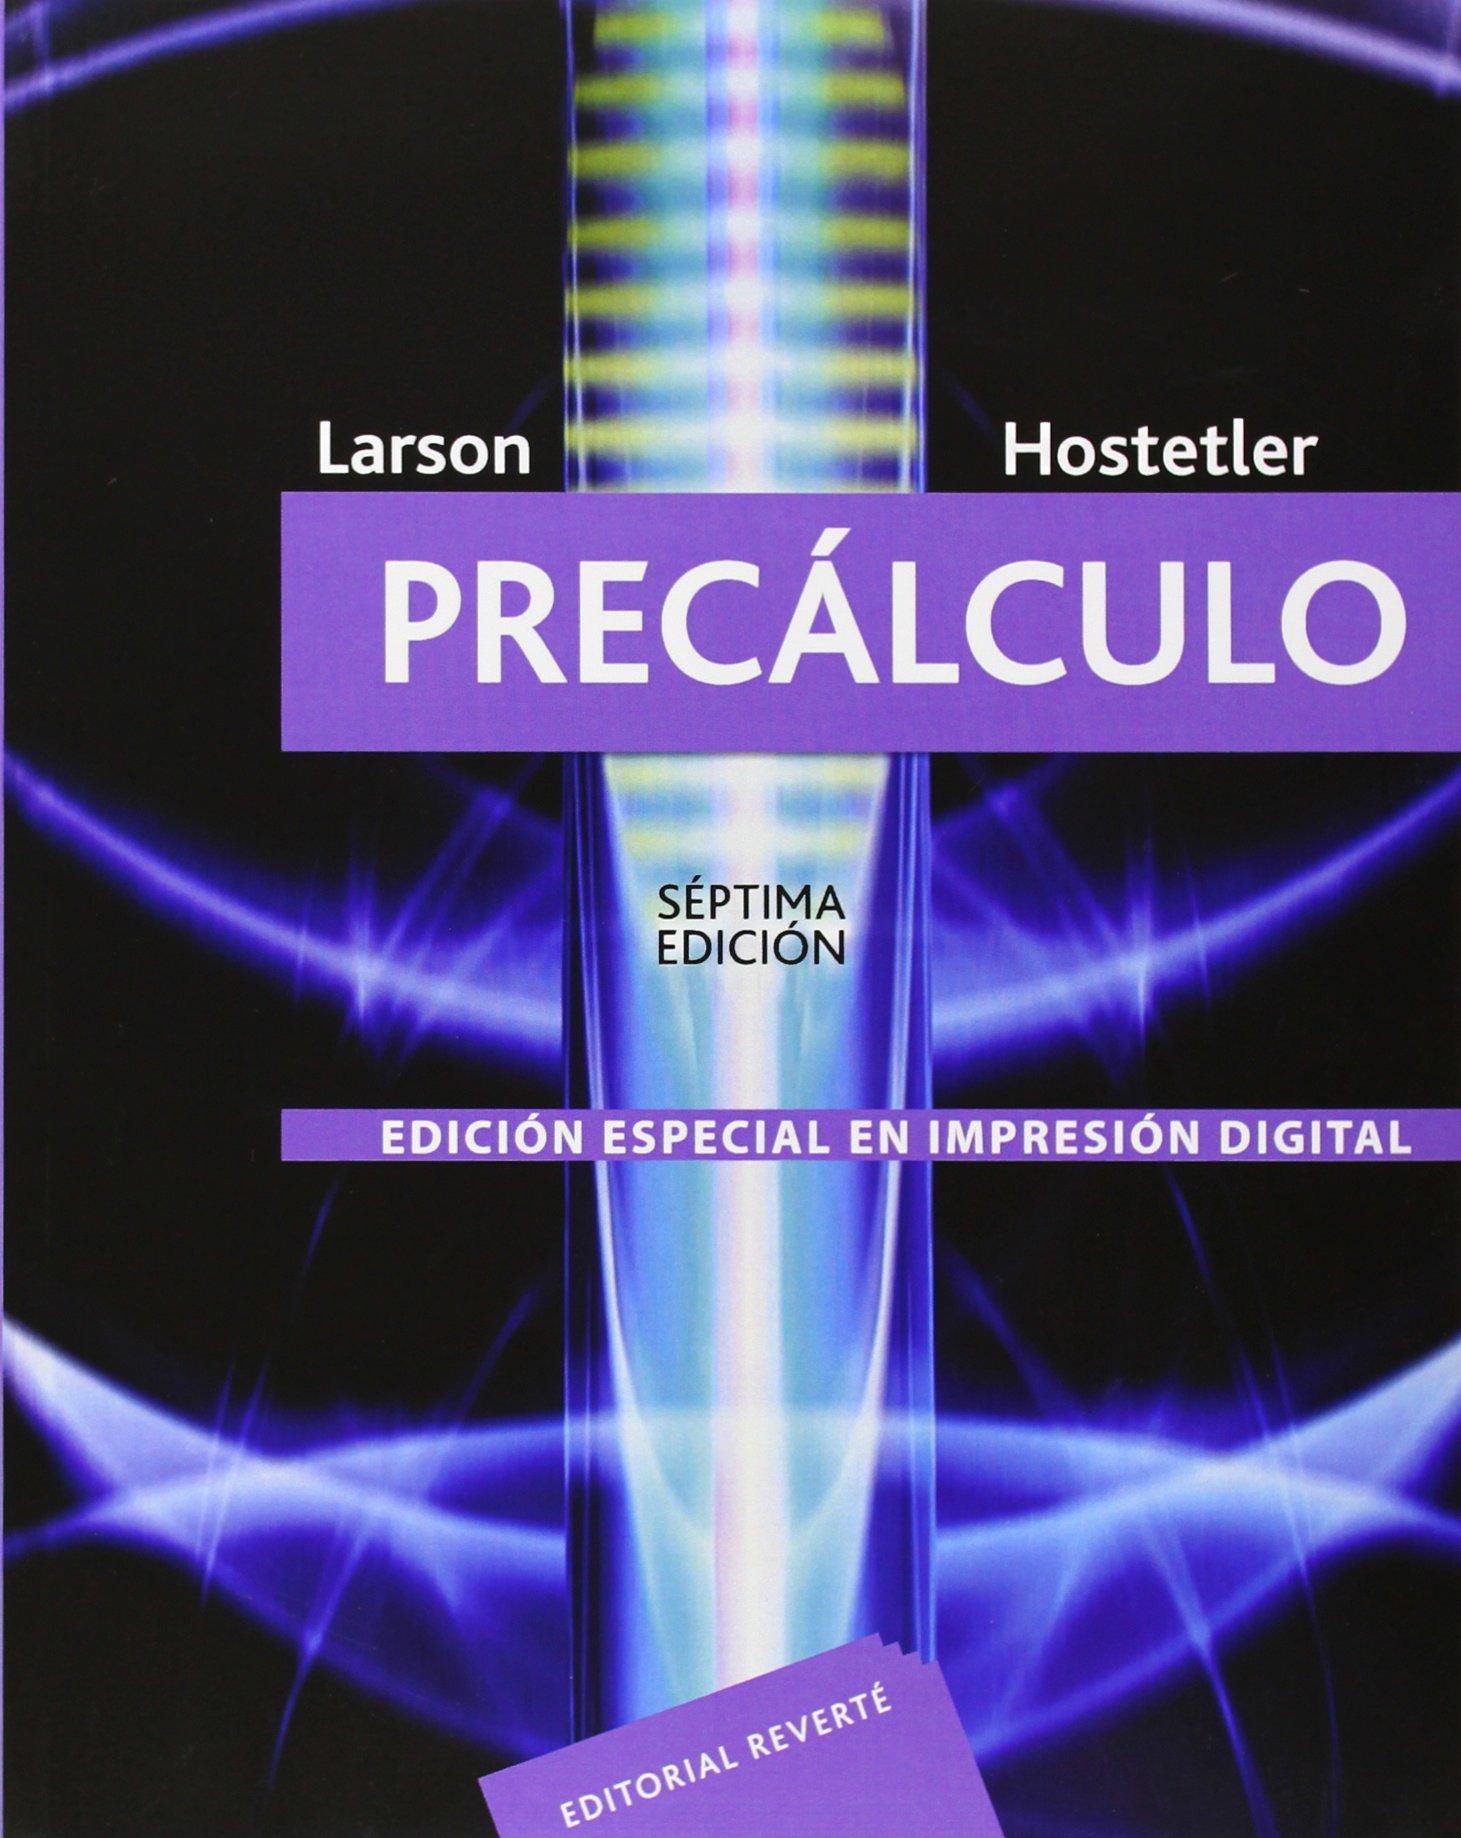 Precálculo: Amazon.es: Larson, Ron, Cardenas, Javier Leon: Libros